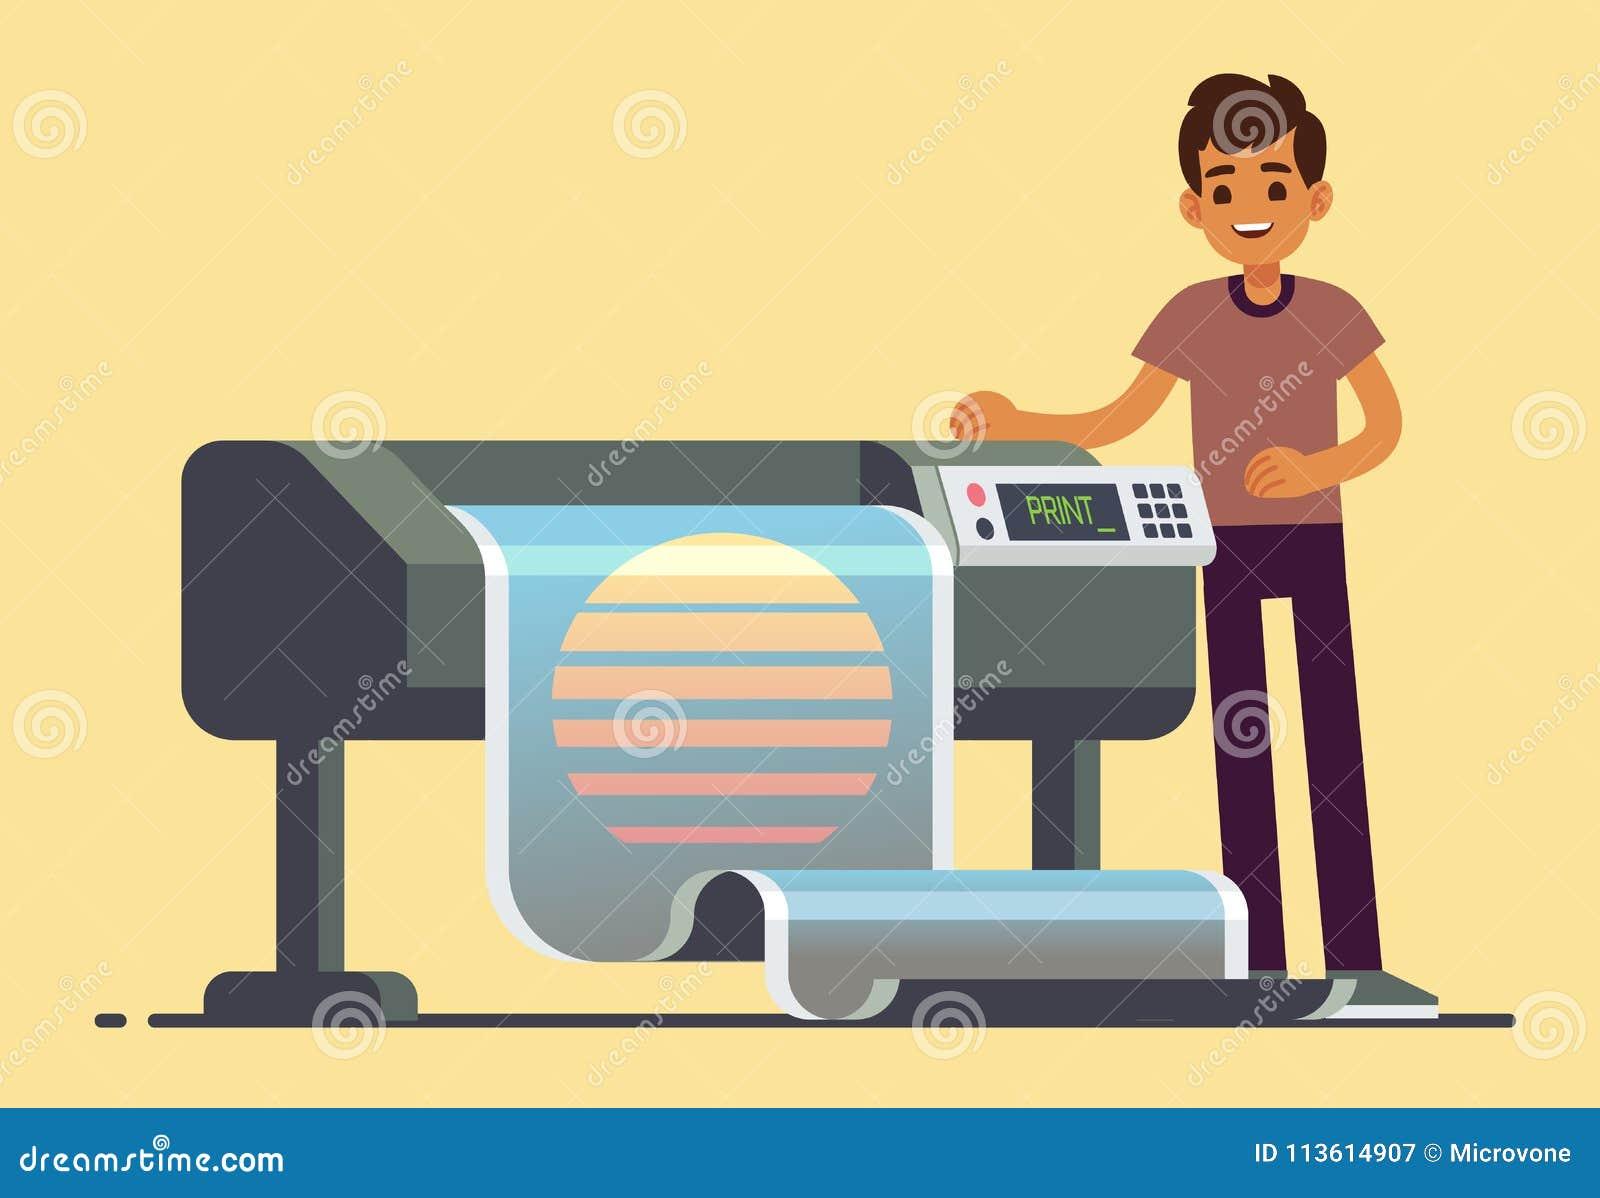 Εργαζόμενος ατόμων στο σχεδιαστή που τυπώνει την ευρεία διανυσματική απεικόνιση εμβλημάτων σχήματος μεγάλη